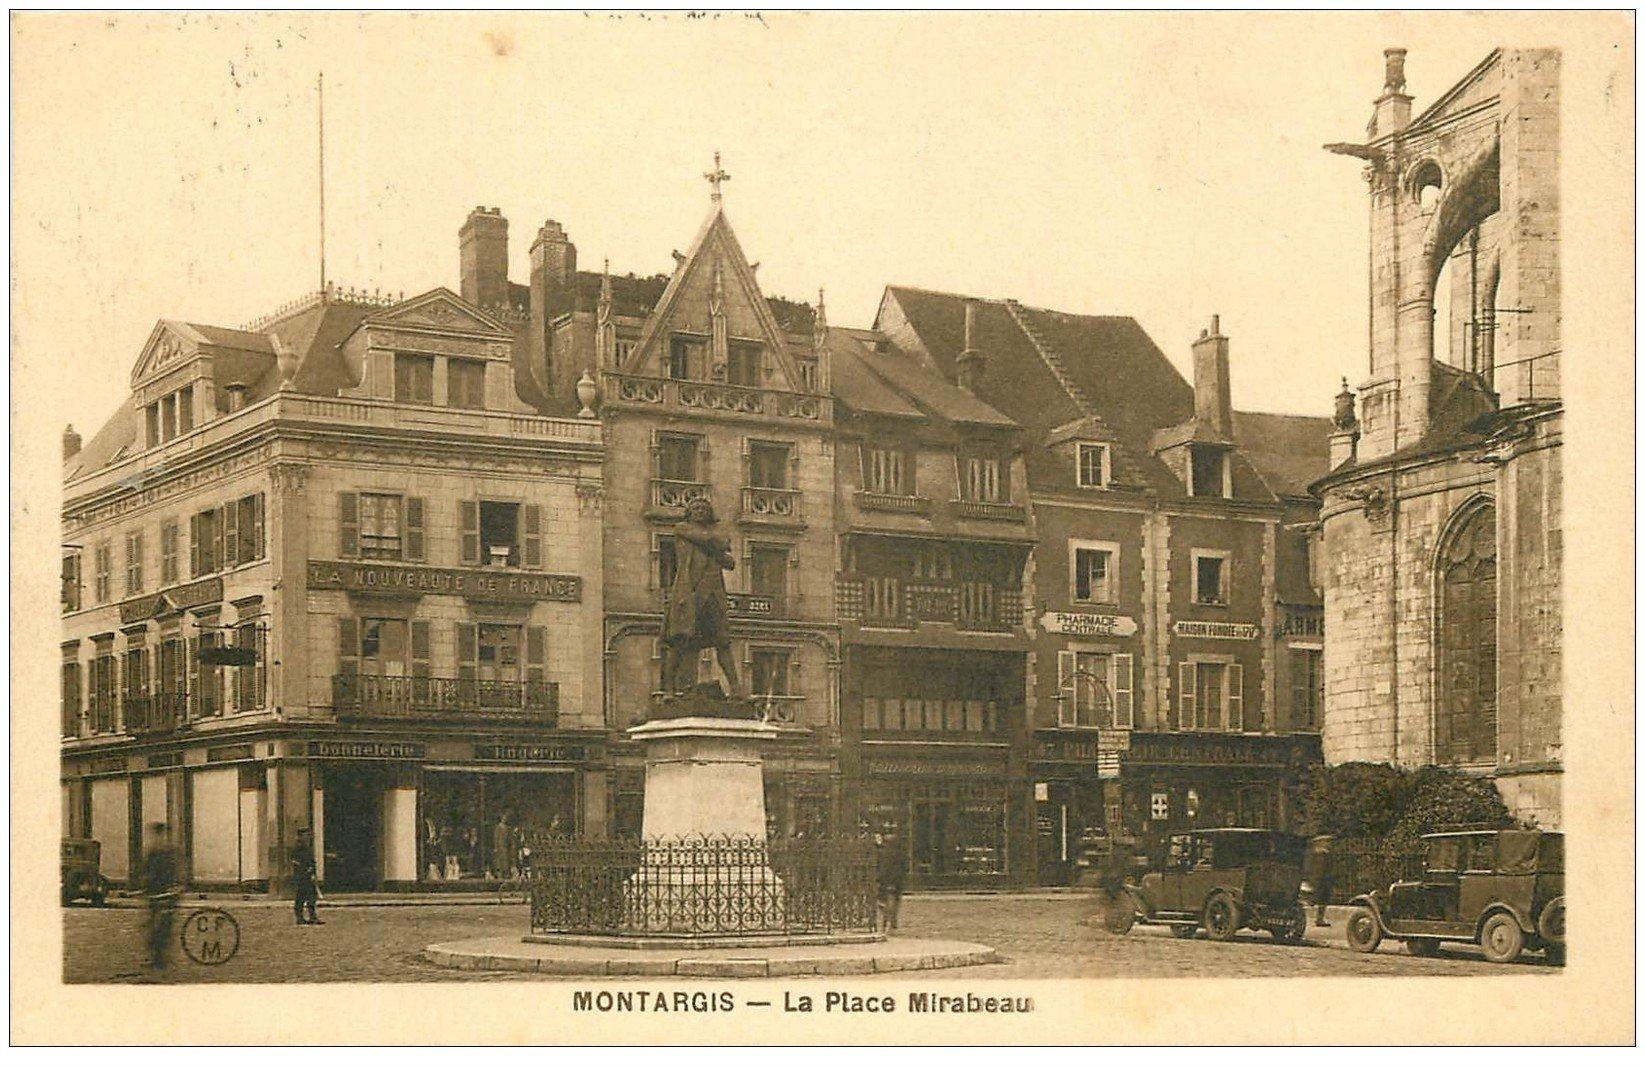 carte postale ancienne 45 MONTARGIS. La Place Mirabeau 1936. Magasin La Nouveauté de France